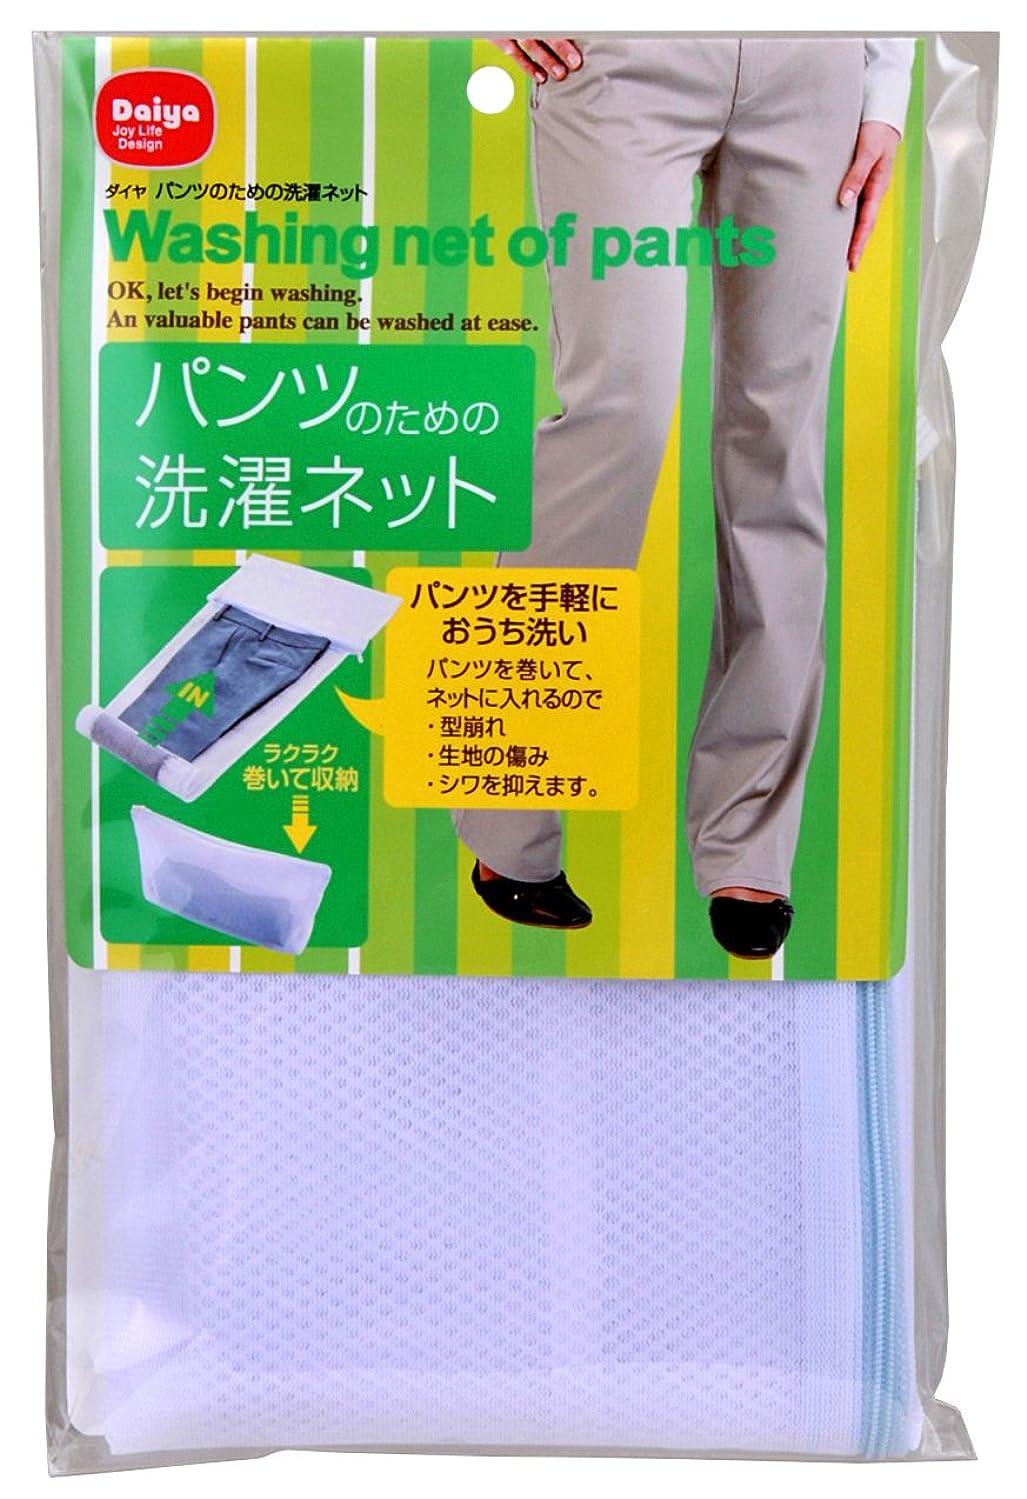 バン位置するビームダイヤ パンツのための洗濯ネット